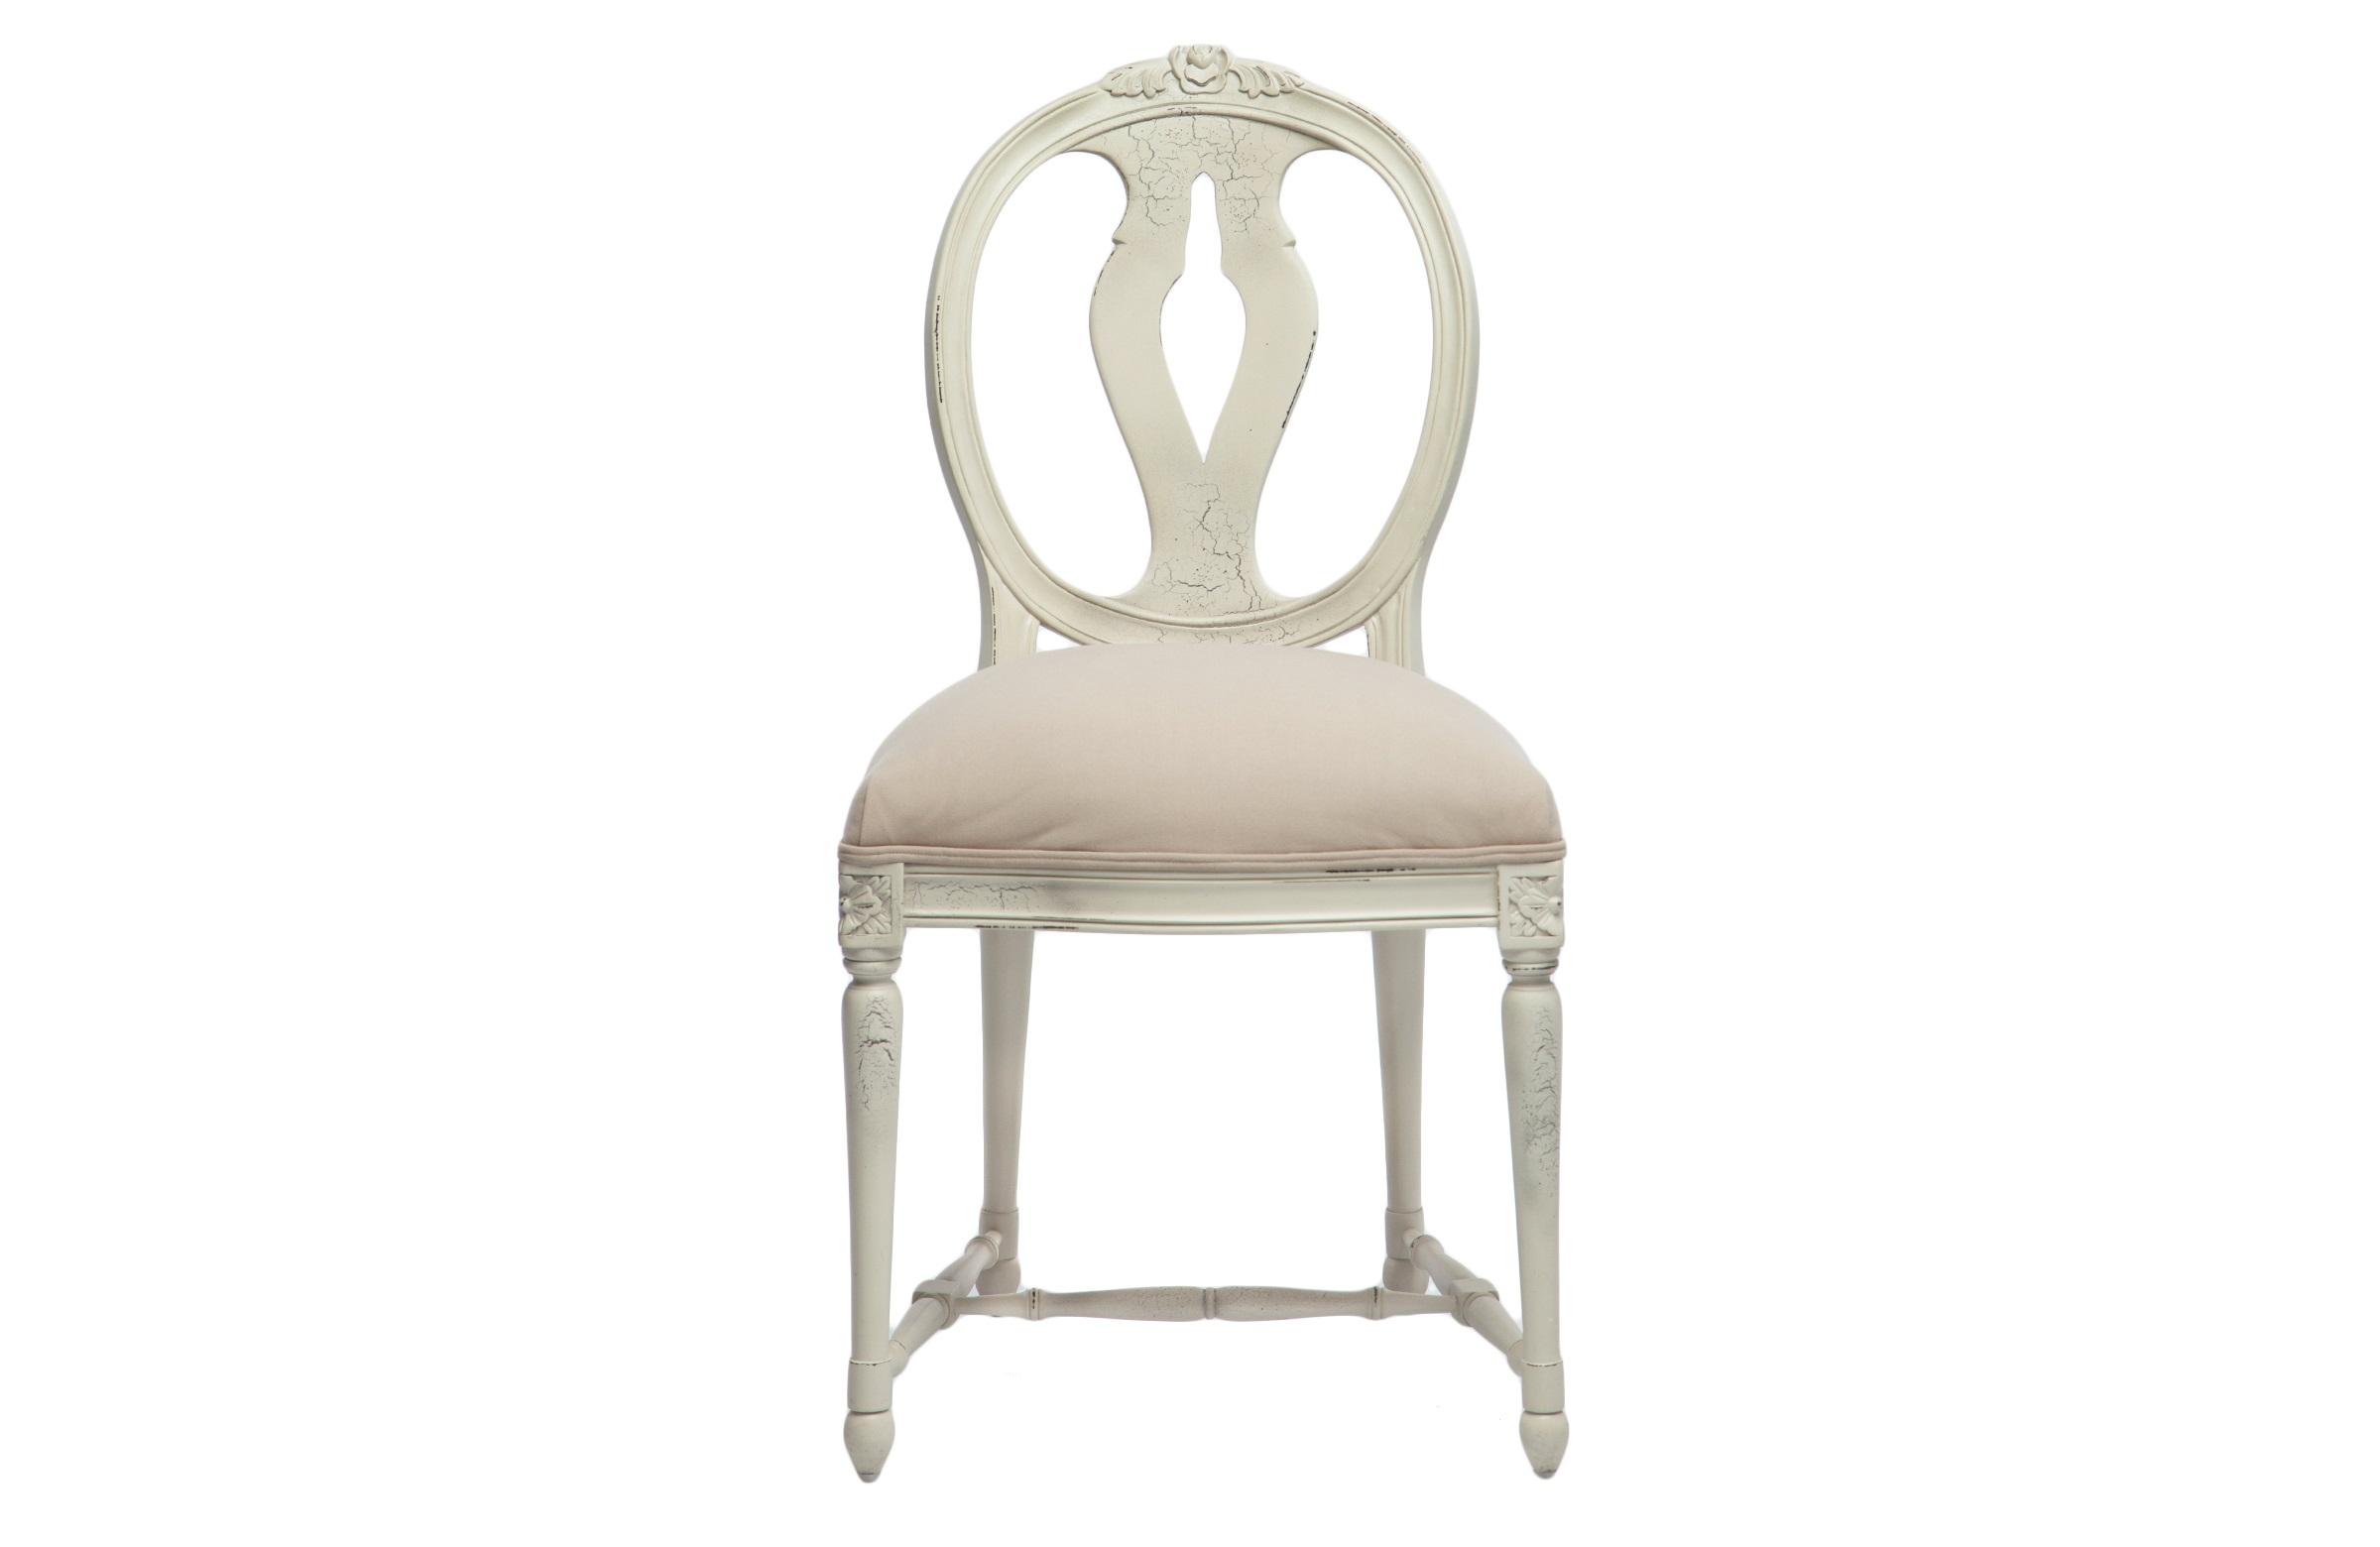 Стул ЮлианнаОбеденные стулья<br>Стул с круглой спинкой из дерева махагони, украшен резьбой и старением в технике кракелюр.<br><br>Material: Красное дерево<br>Width см: 55<br>Depth см: 51<br>Height см: 97